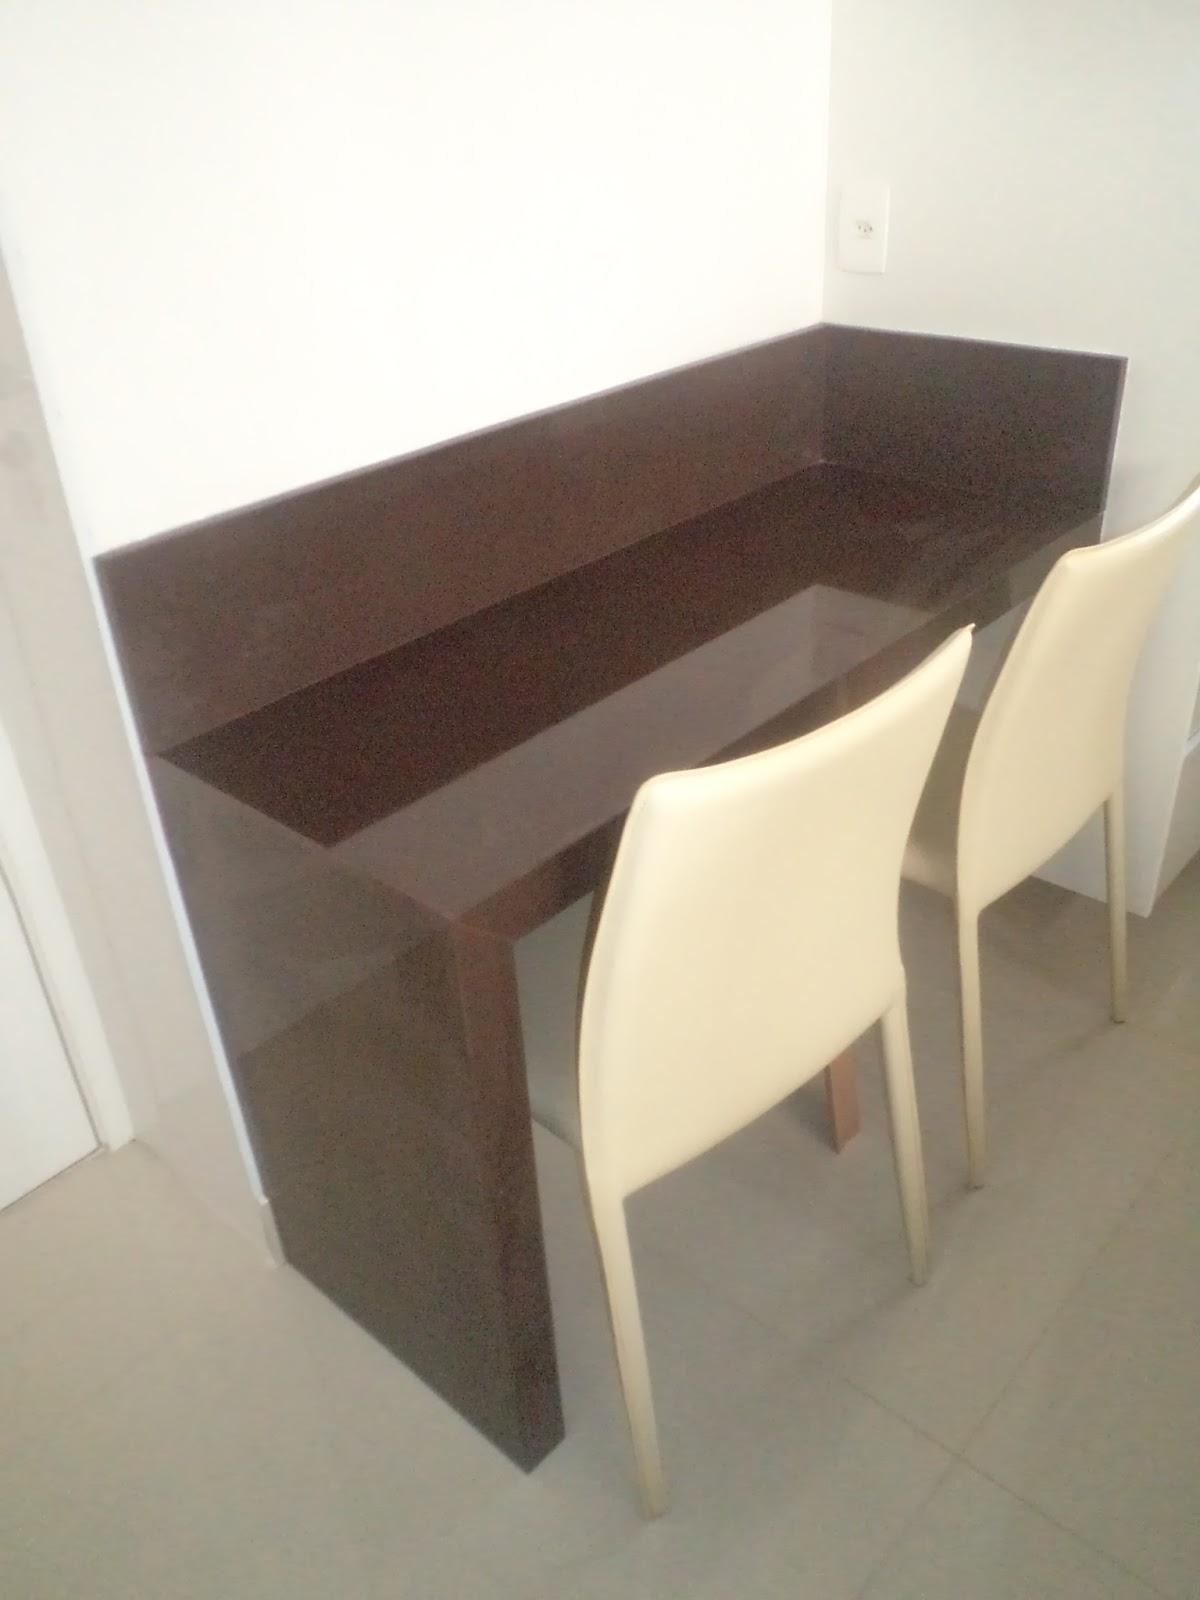 Vânia Paulino : Cozinha Tons de Marrom ao Branco #867745 1200x1600 Bancada Banheiro Tok Stok